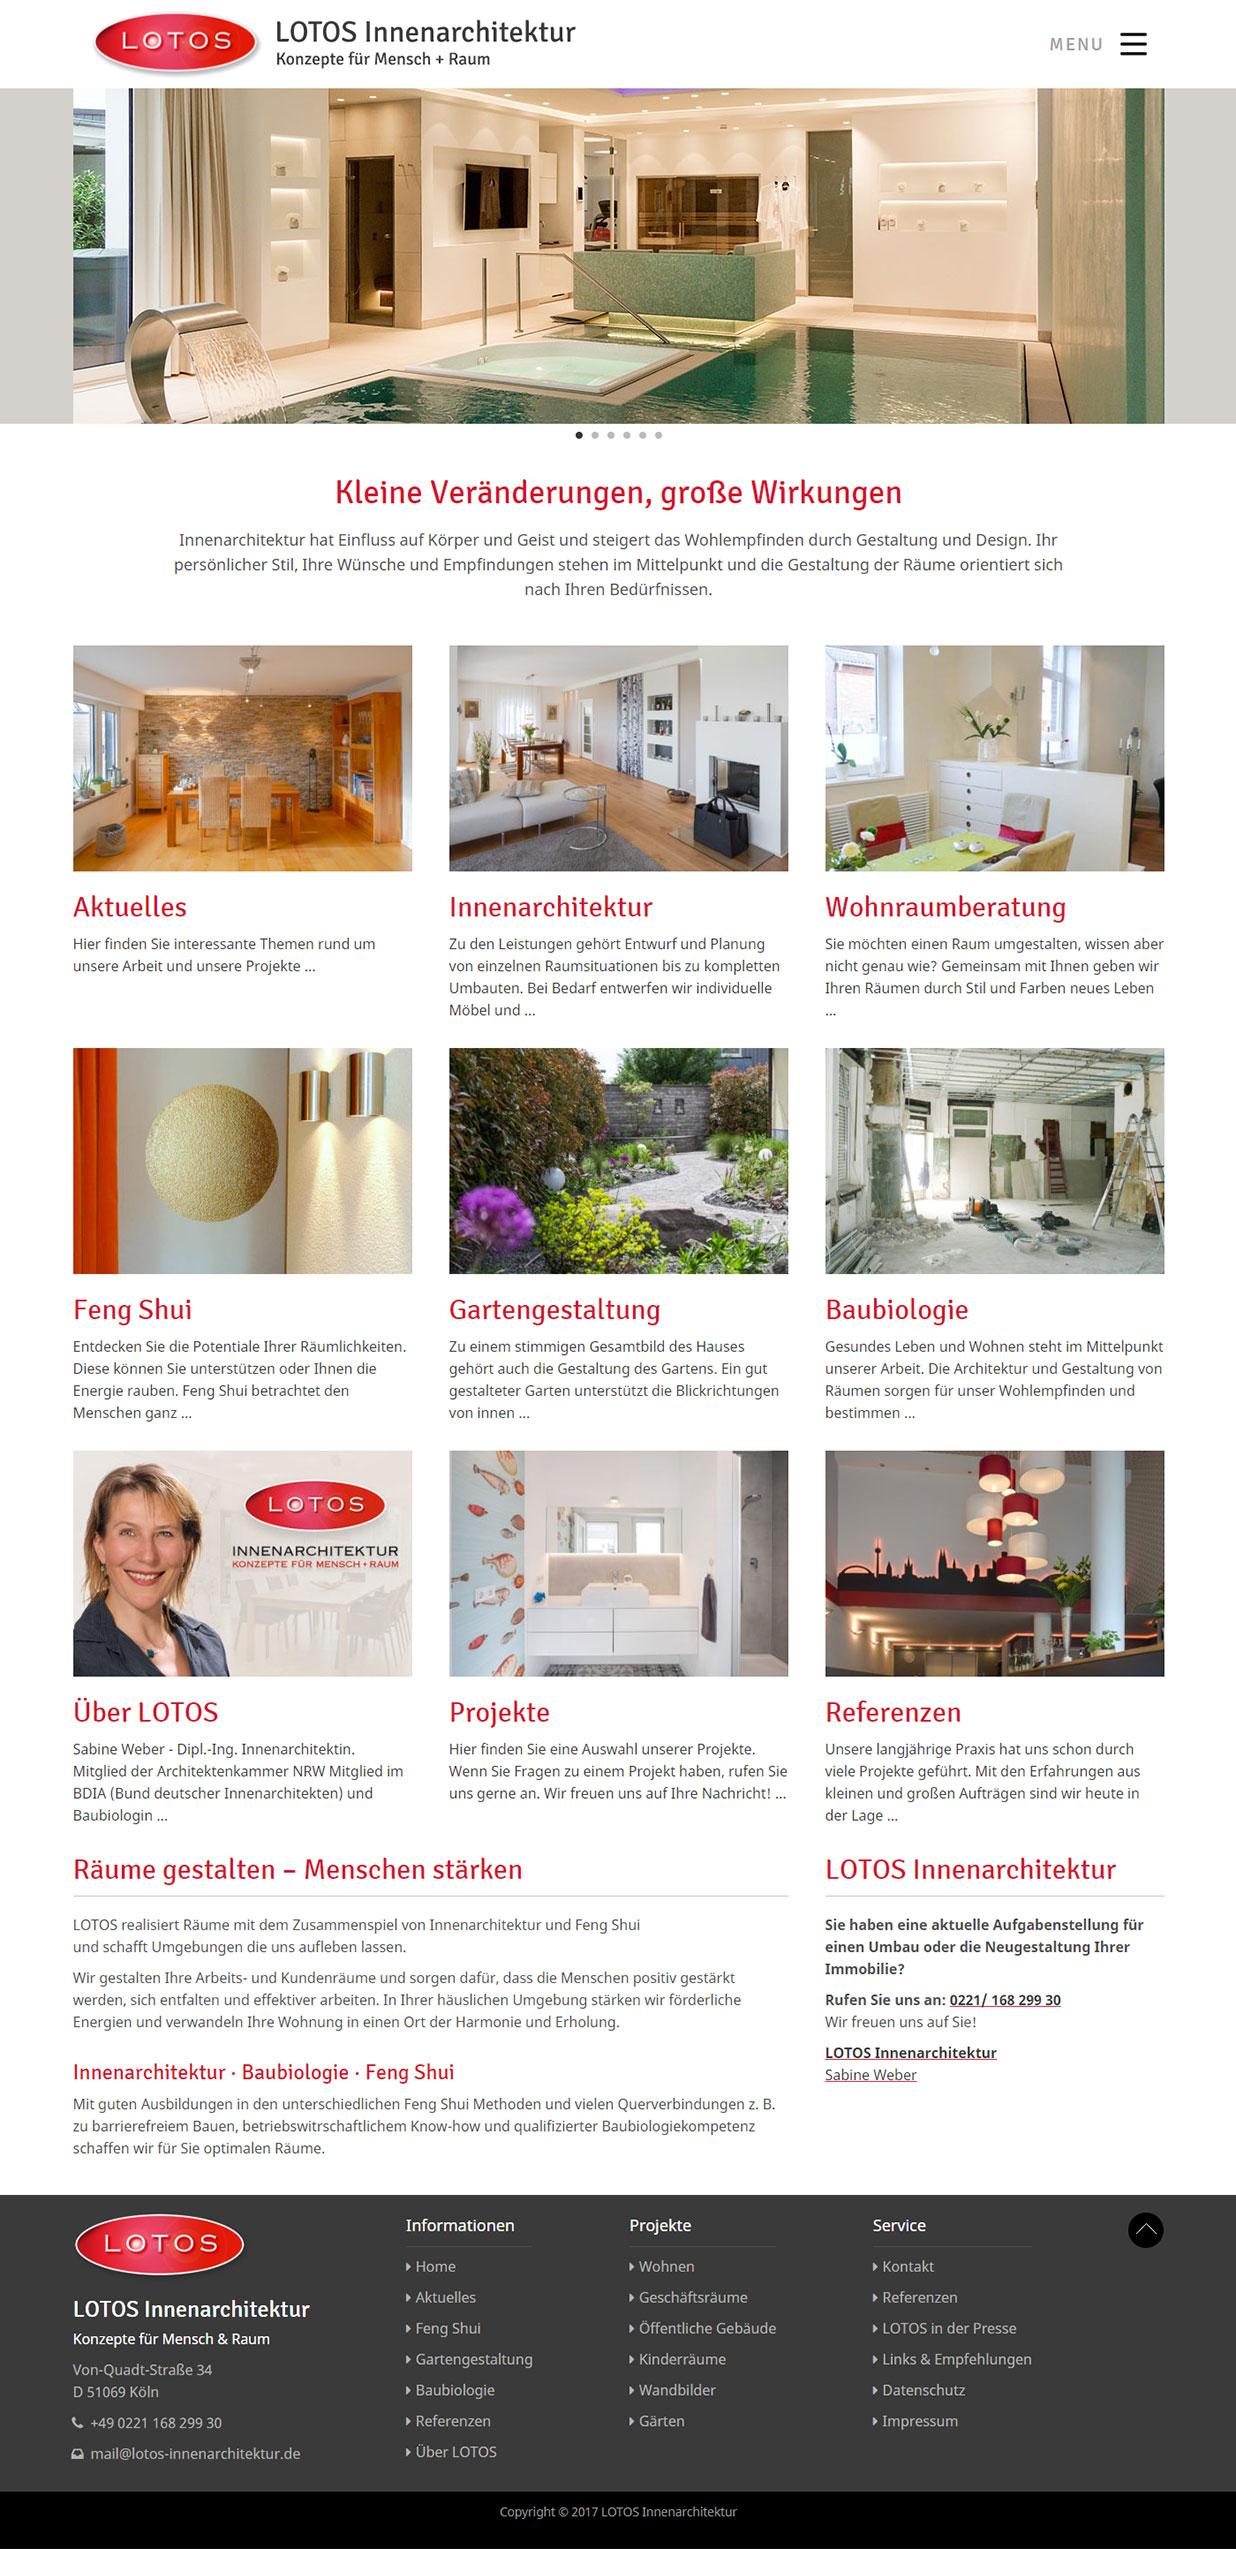 debleu -Website für LOTOS Innenarchitektur